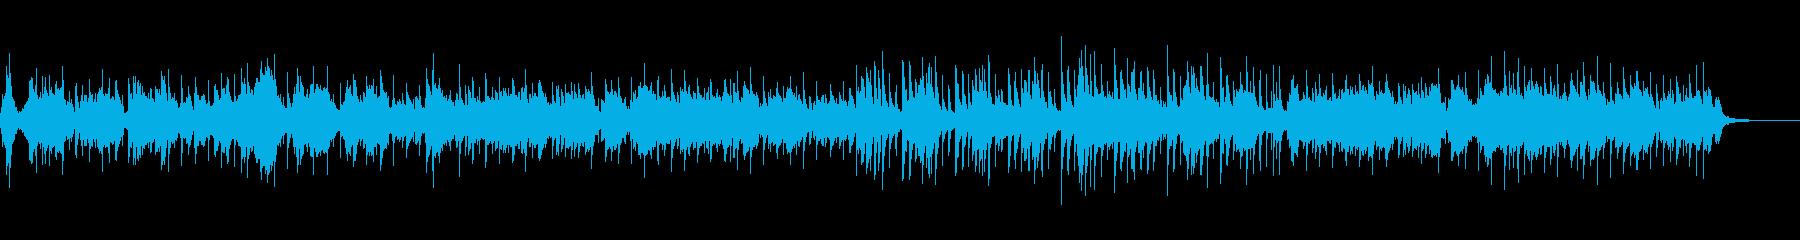 アダルトで憂鬱なジャズの再生済みの波形